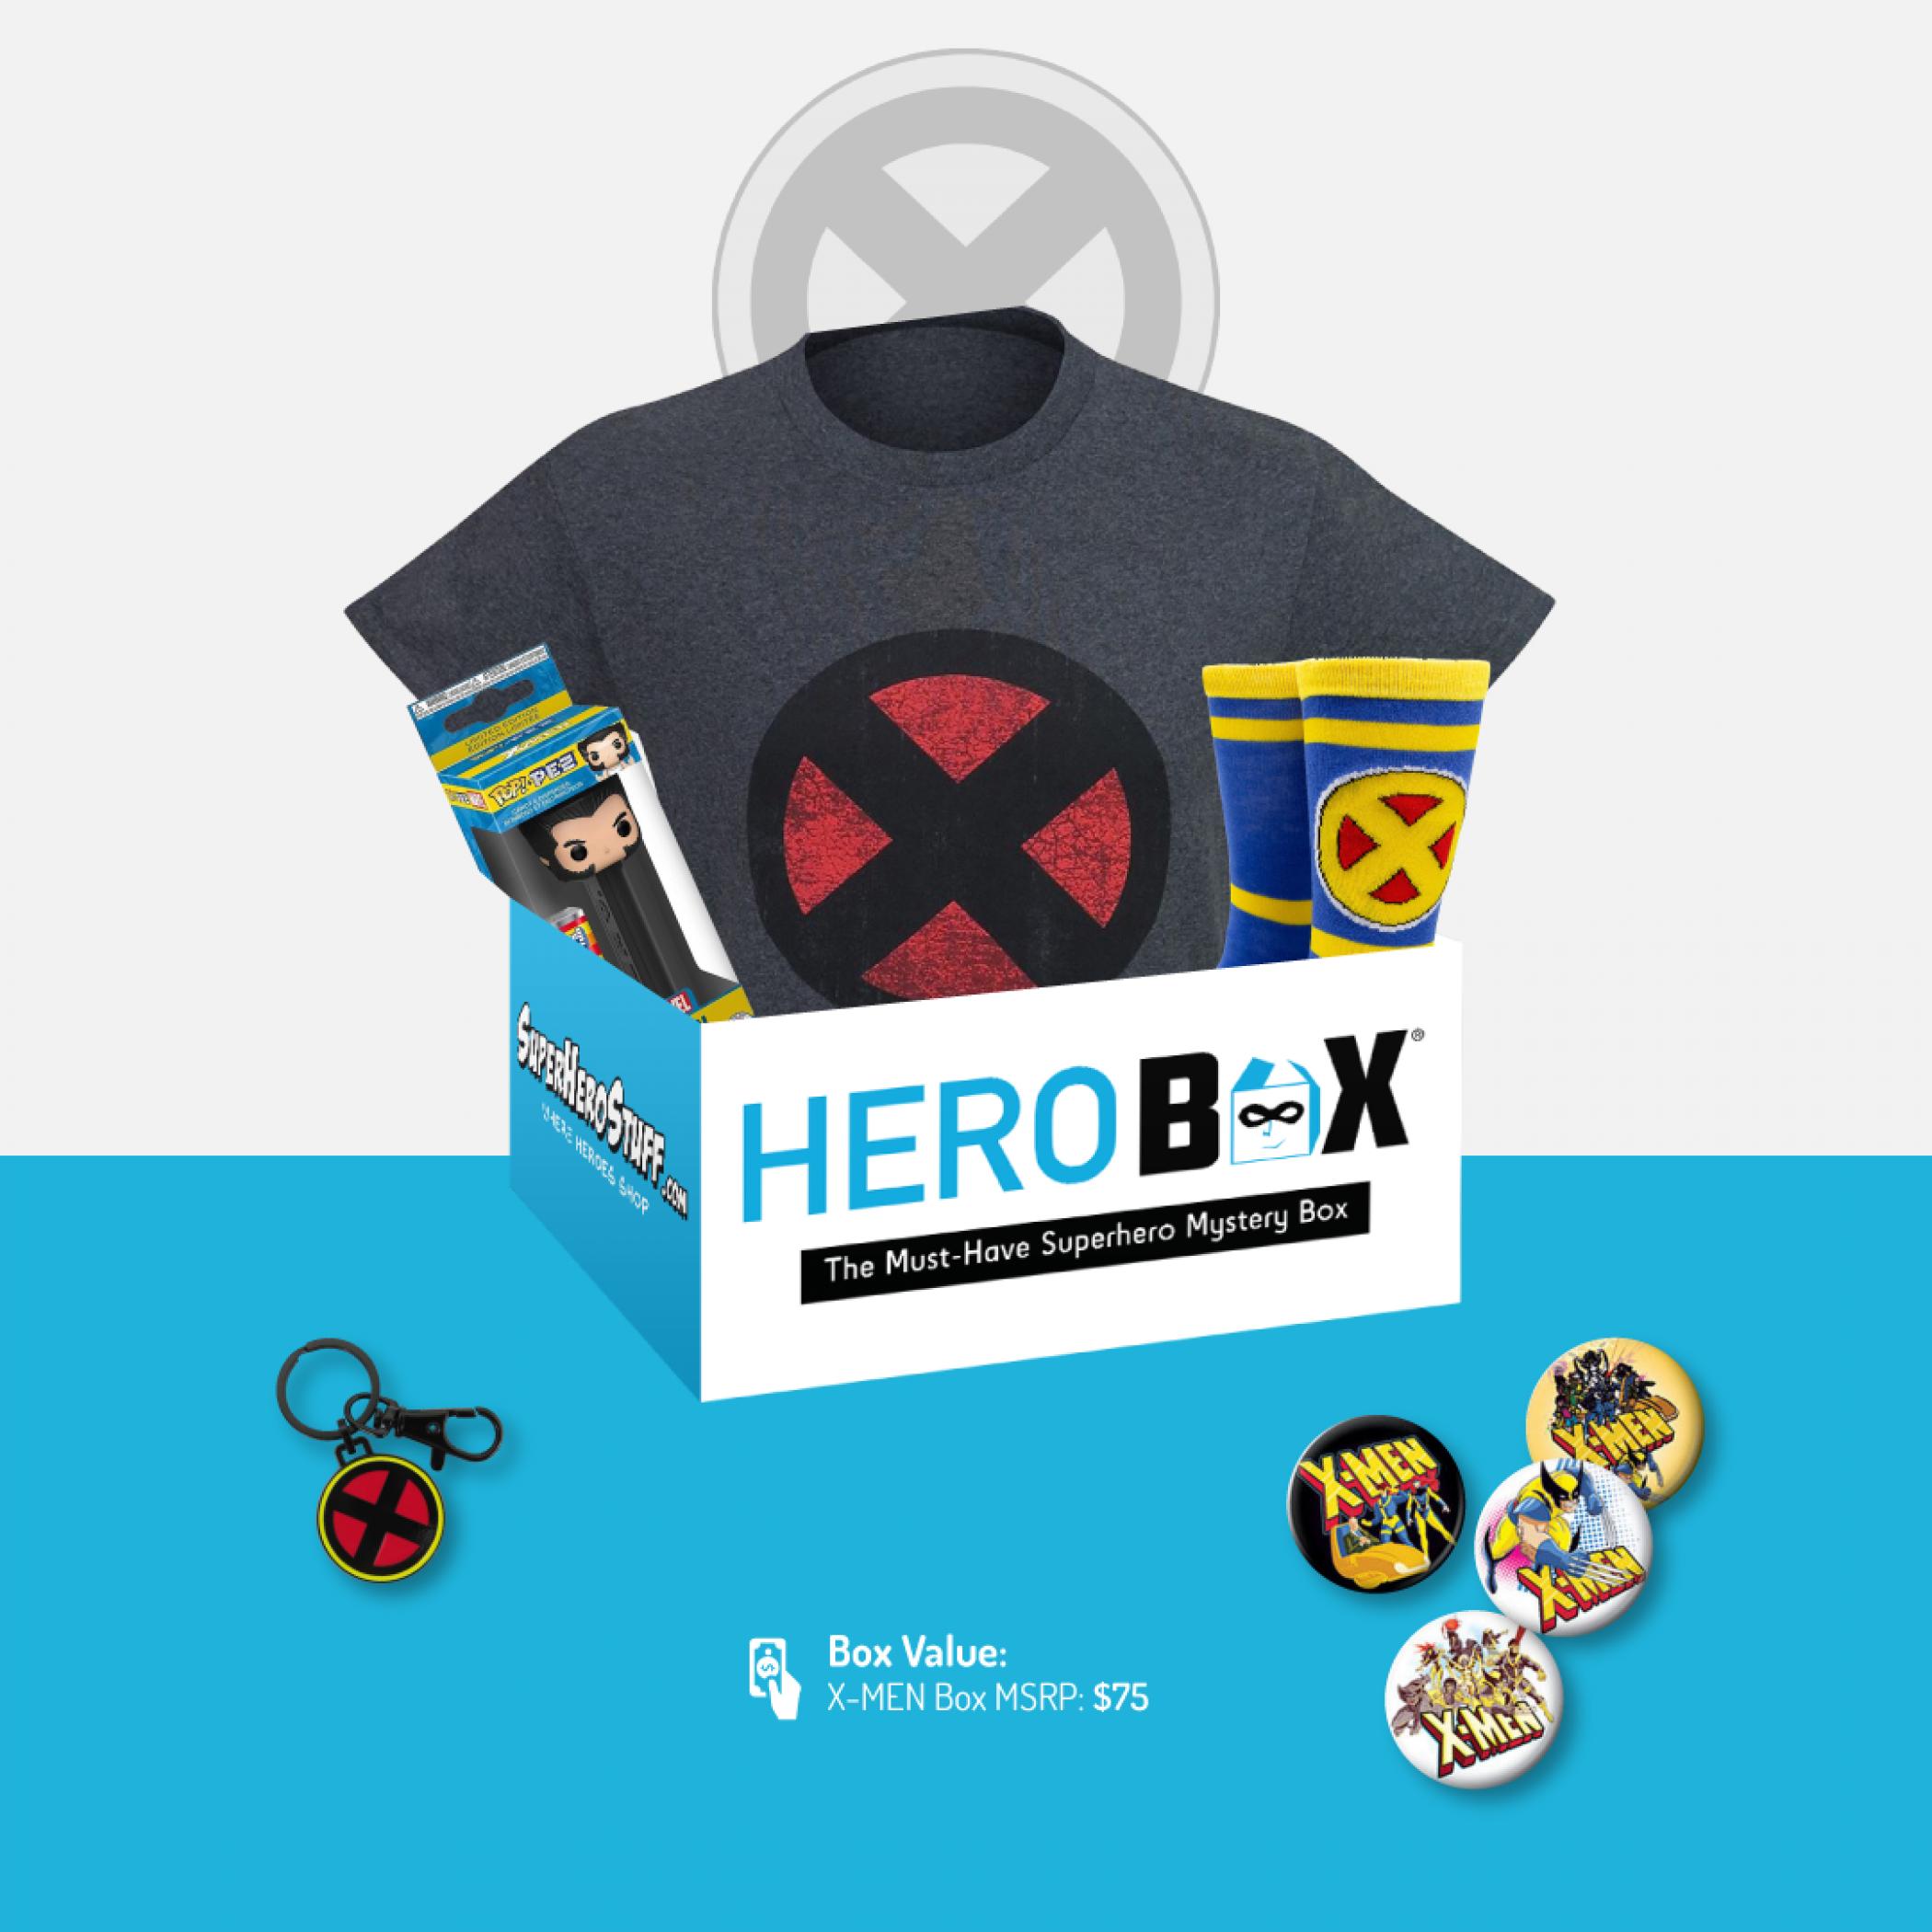 The Uncanny X-Men HeroBox